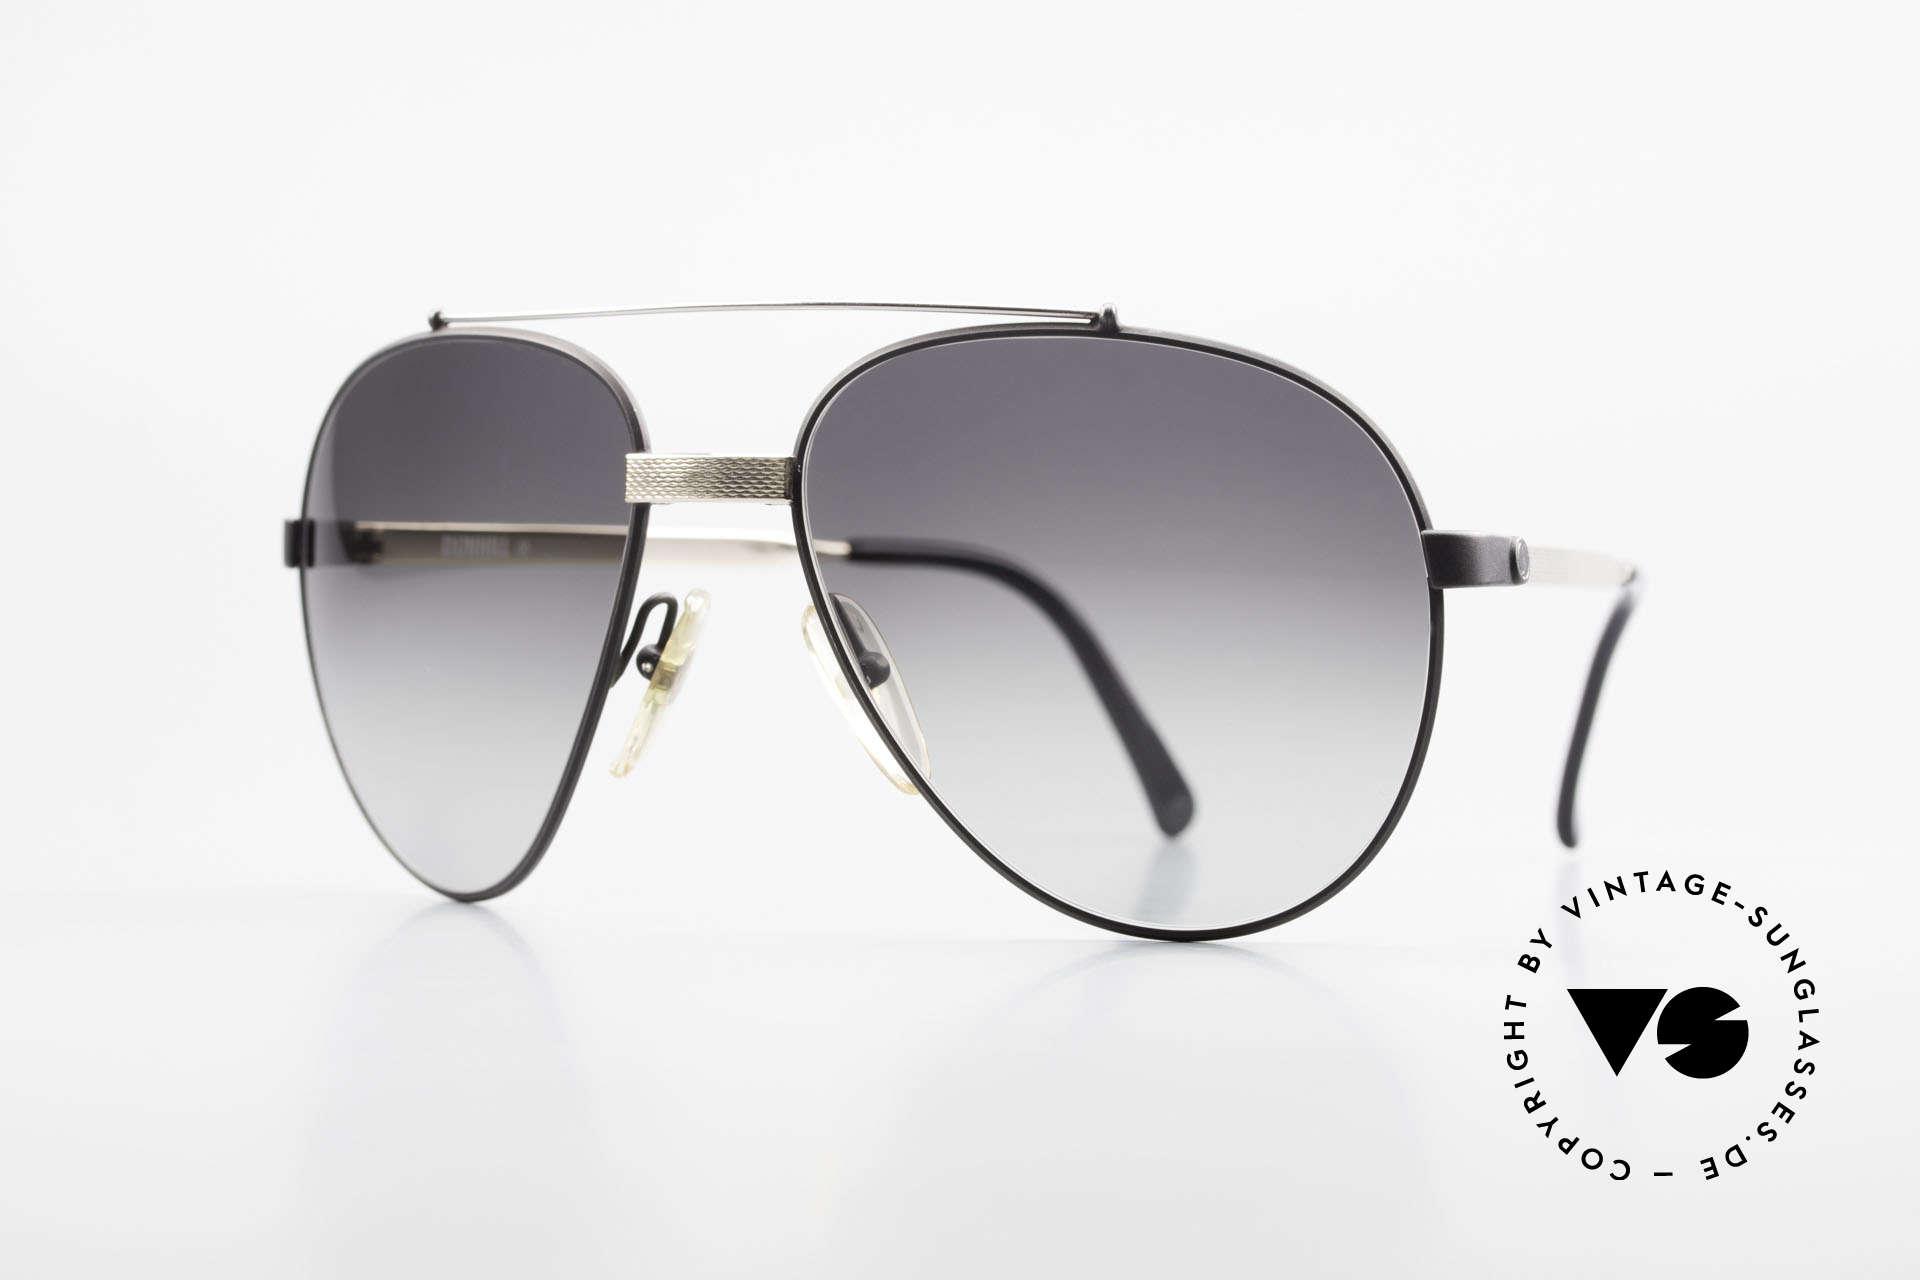 Dunhill 6023 80er Luxus Sonnenbrille Herren, stilvolle Dunhill vintage Sonnenbrille von 1983, Passend für Herren